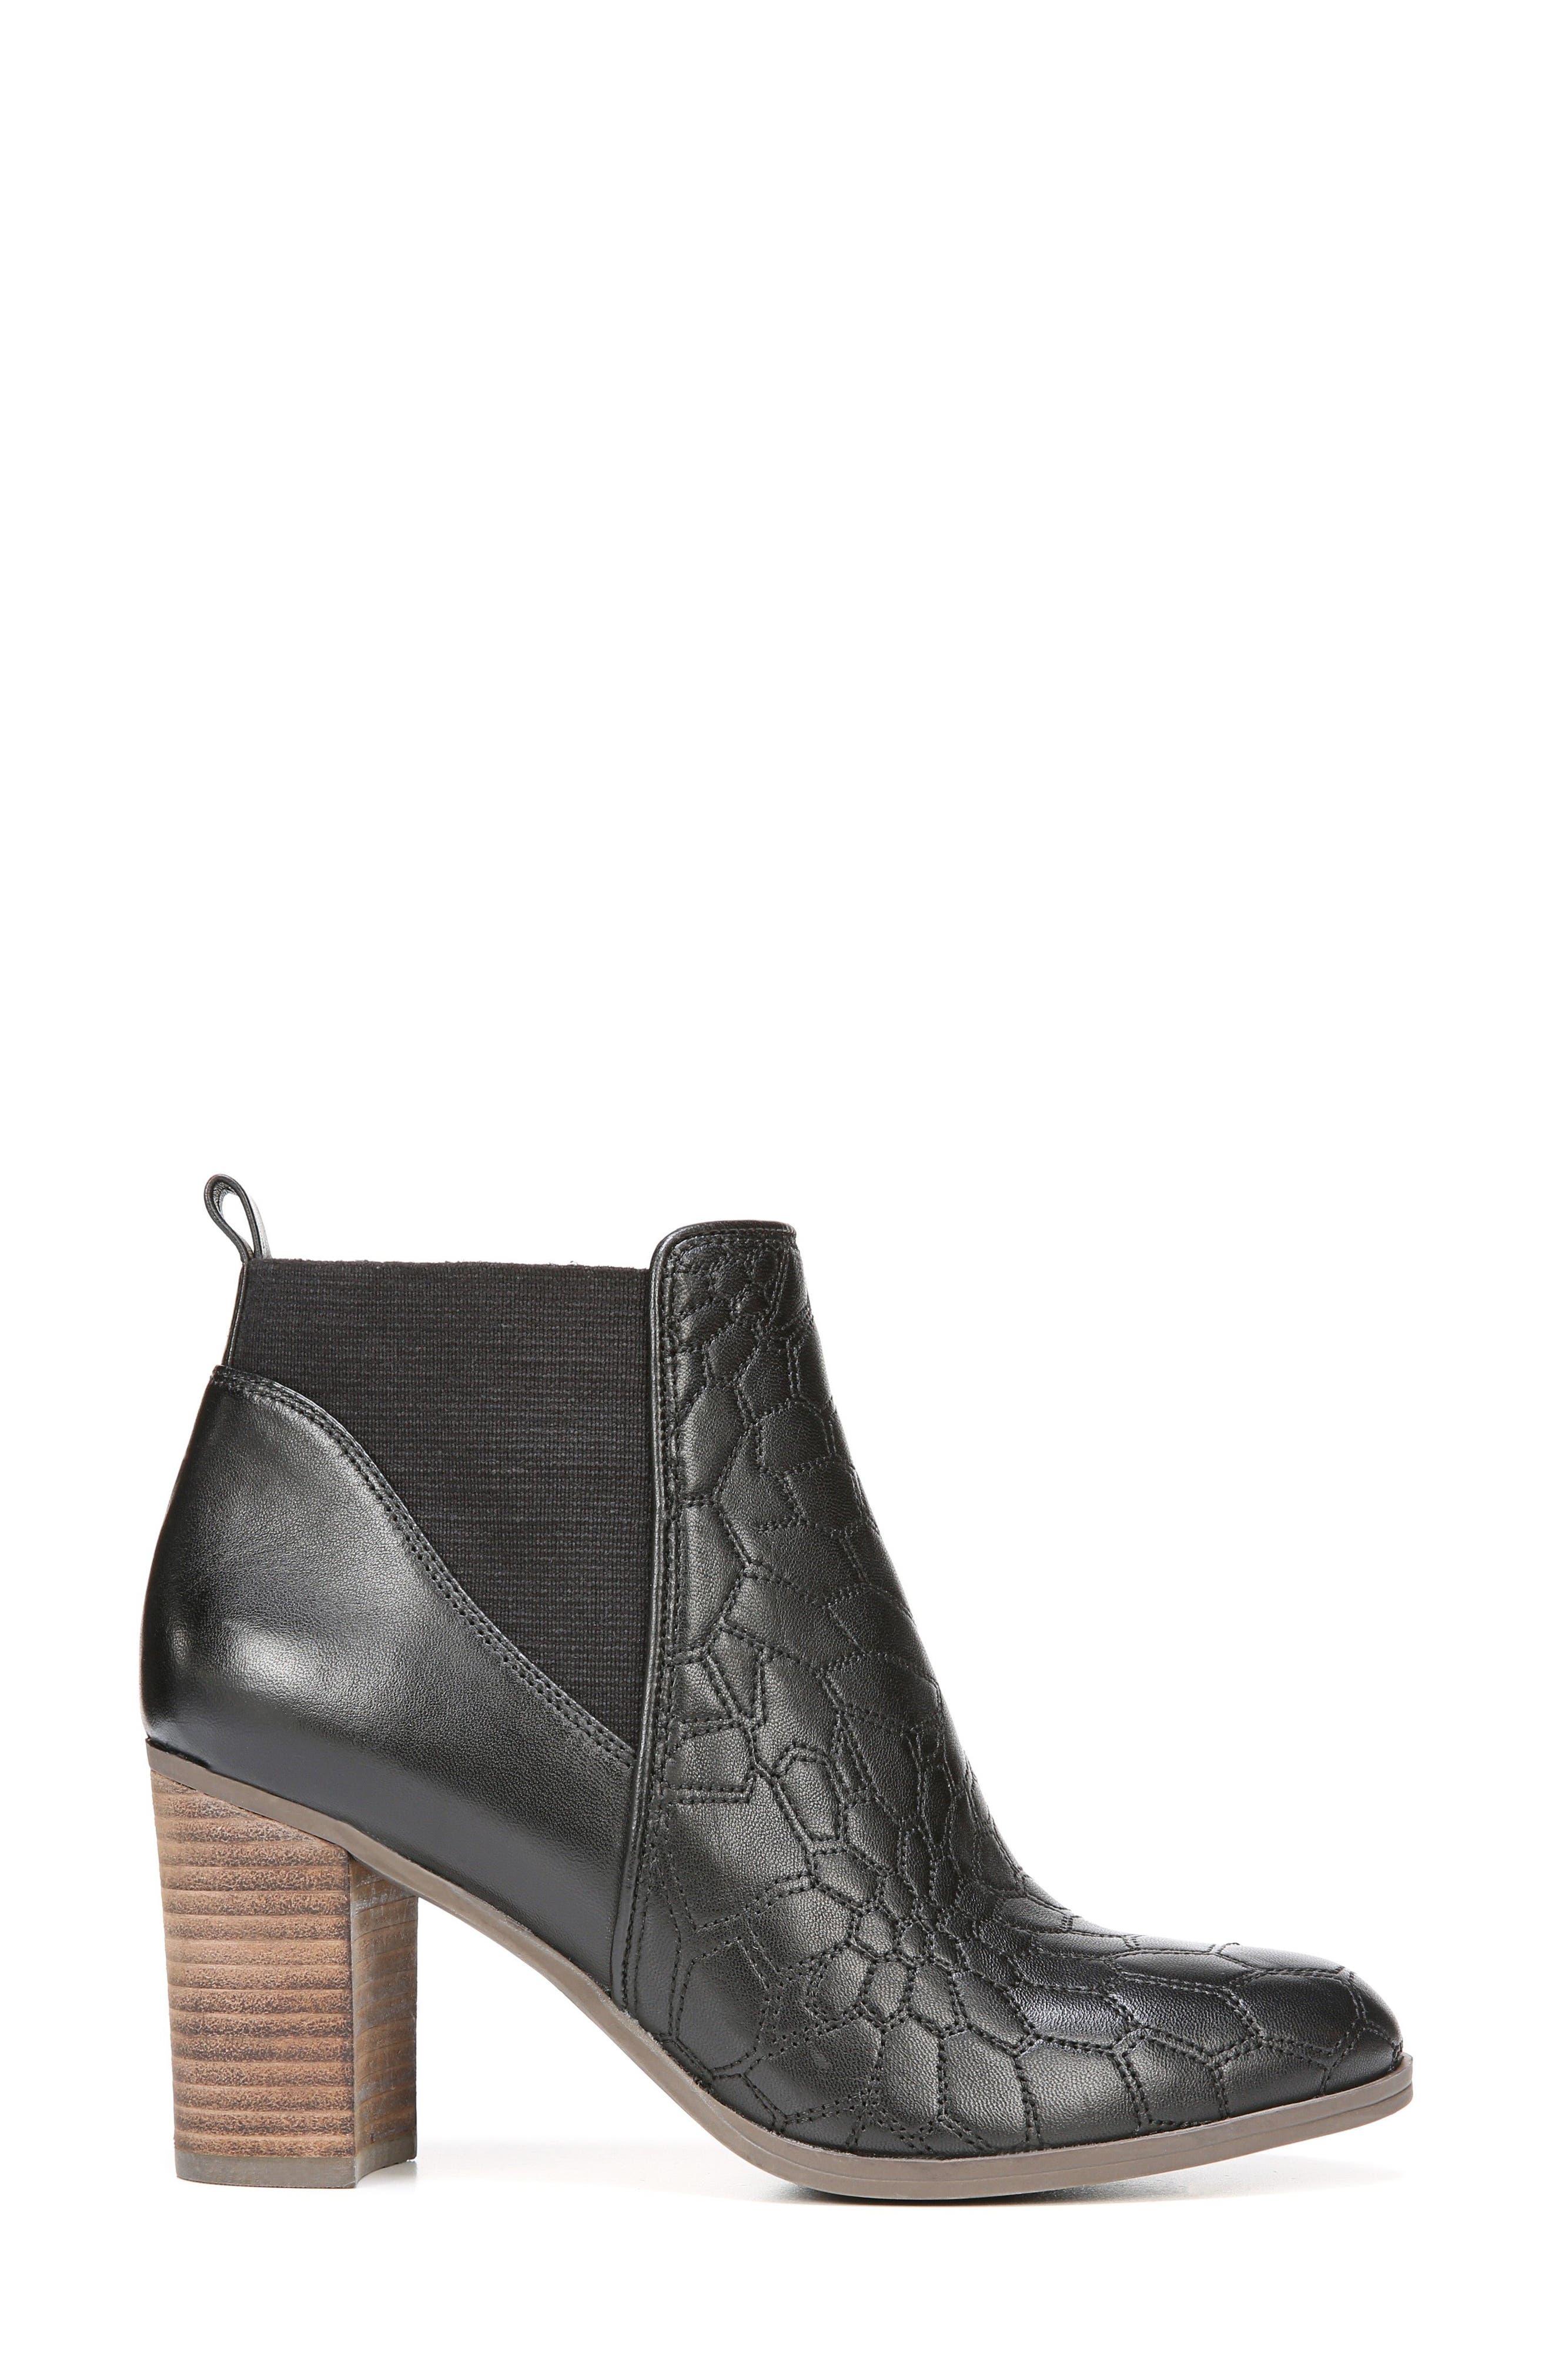 Dixie Bootie,                             Alternate thumbnail 3, color,                             Black Leather